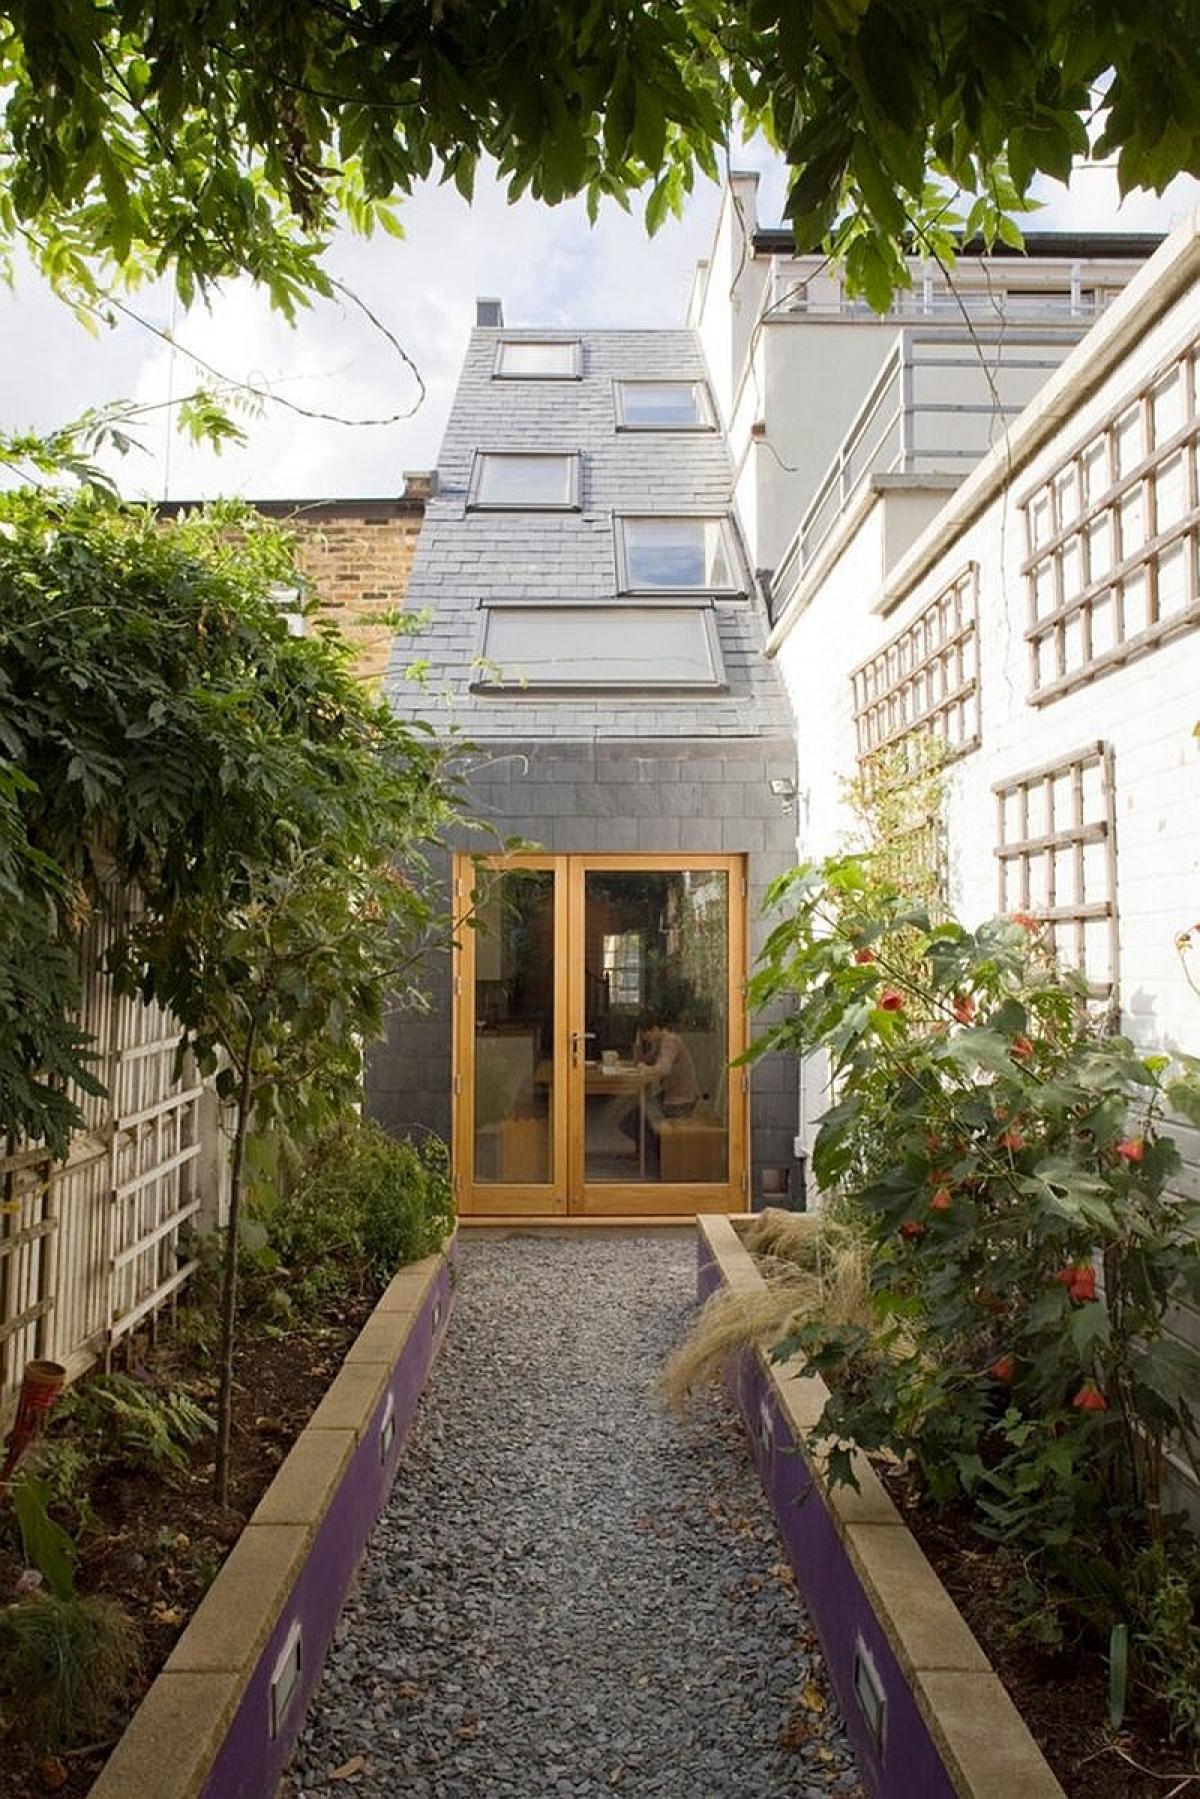 Ngôi nhà độc đáo chỉ rộng 2,3 m2 ở London - Ảnh 2